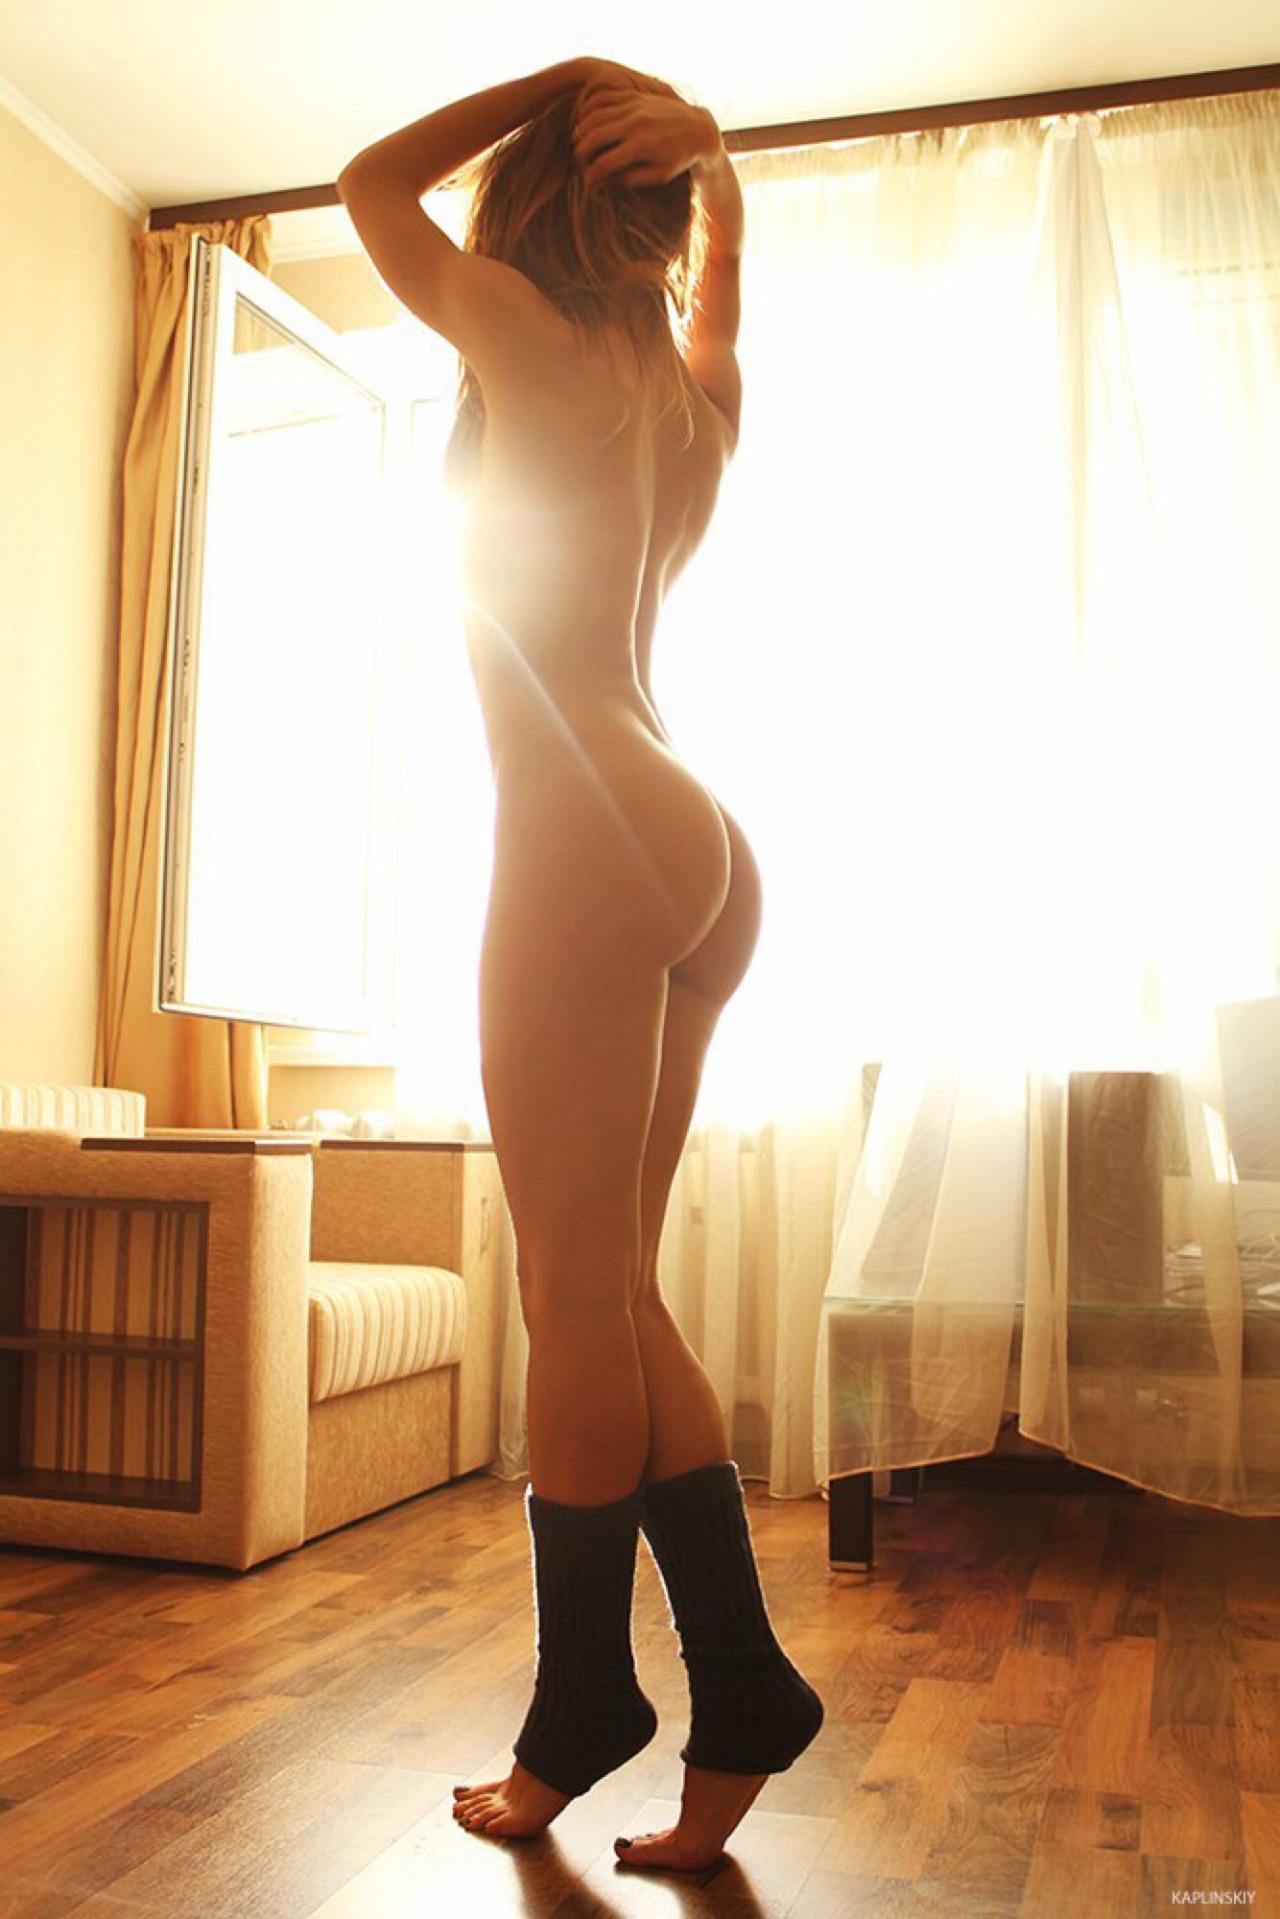 Сочные попки девушек старше 18 лет 8 фото